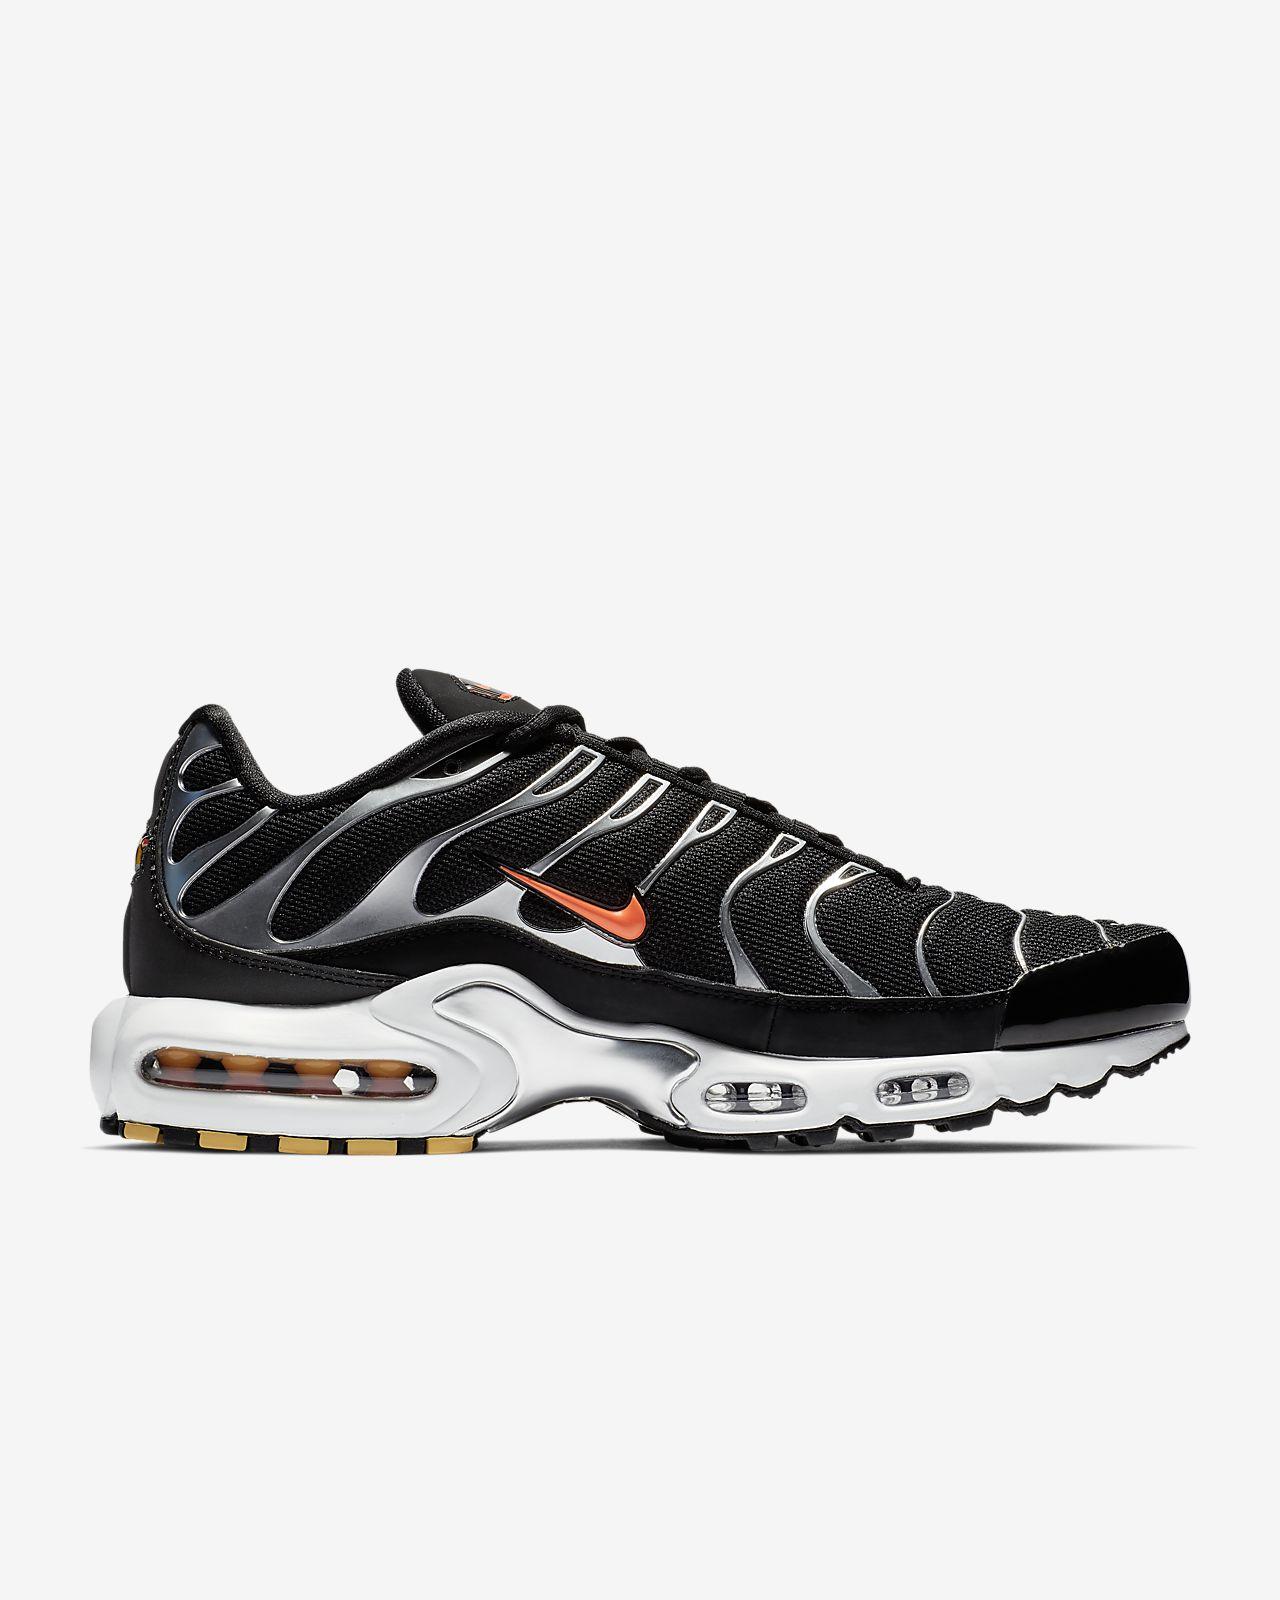 Nike AIR MAX PLUS Sort Hvid 852630 Rezet Store